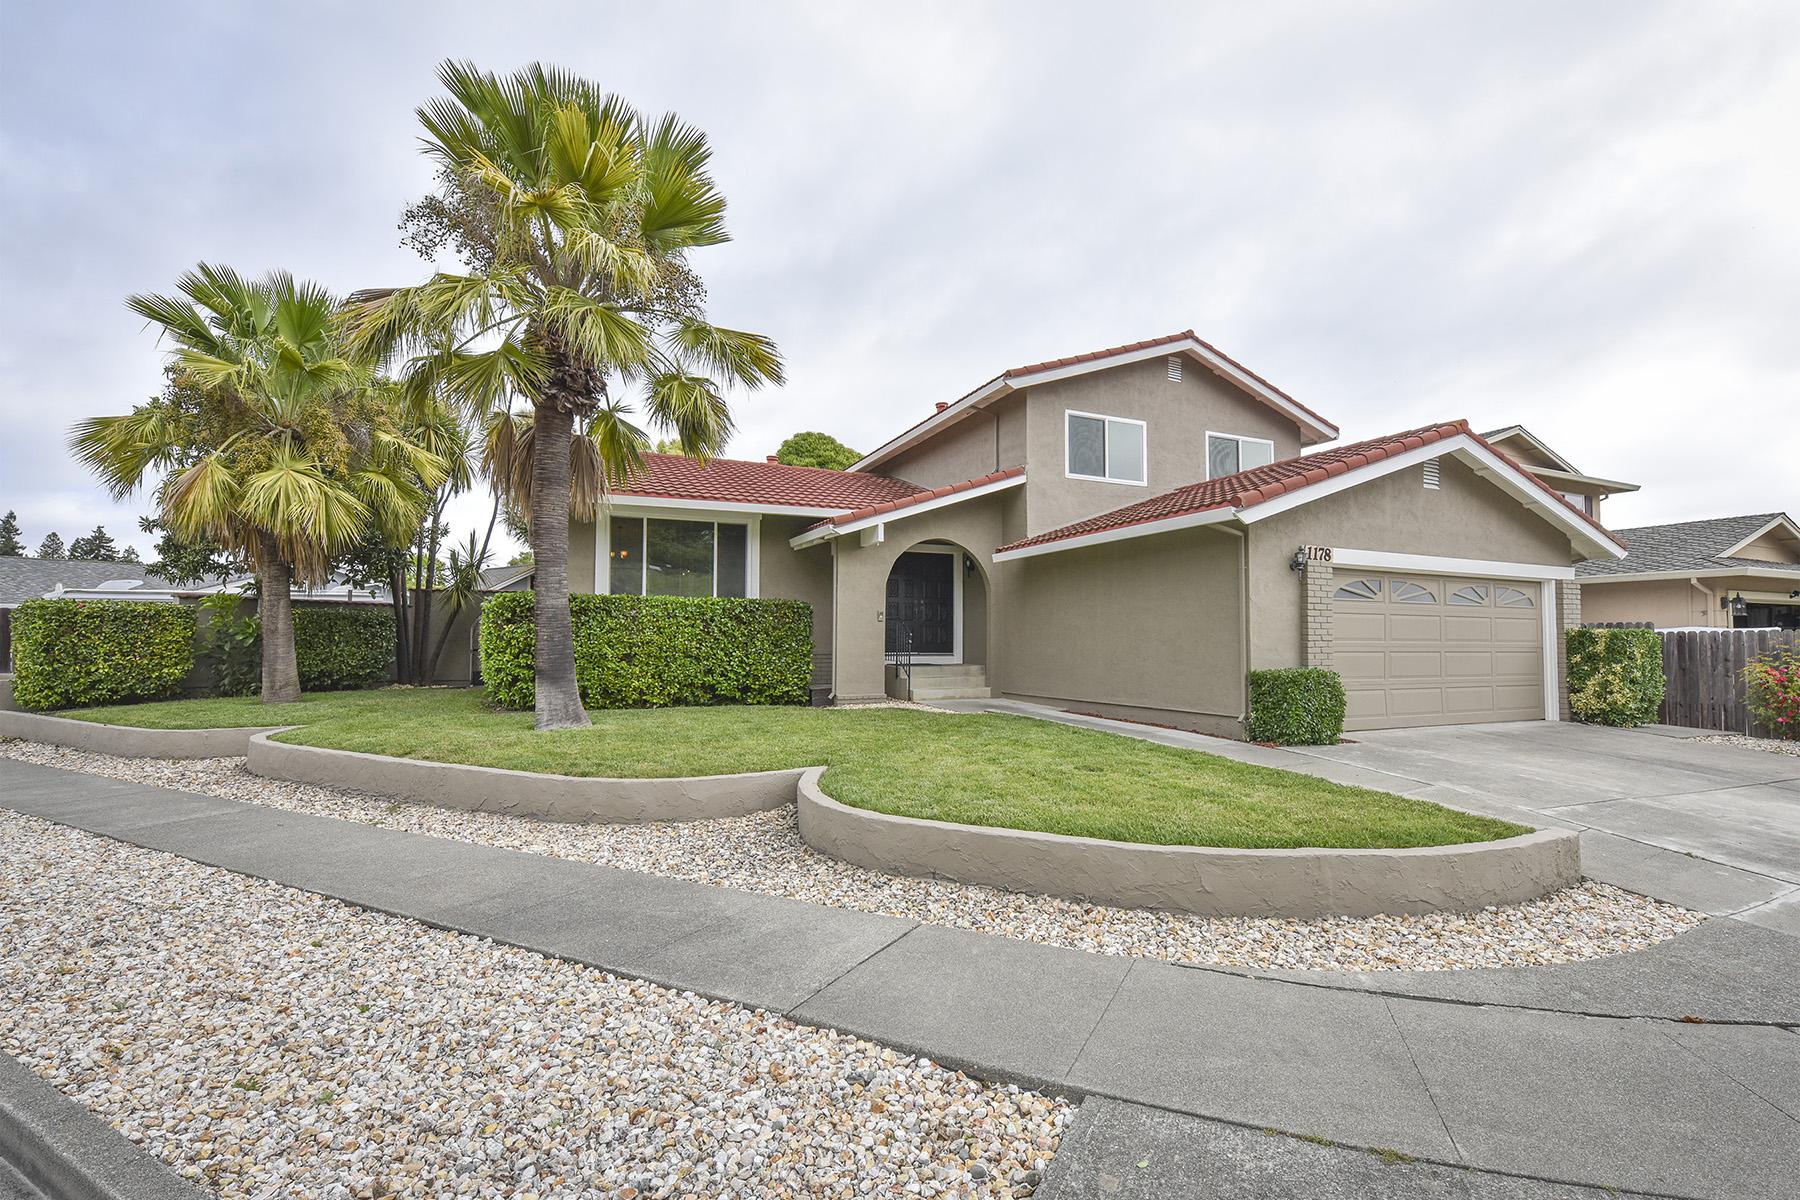 sales property at 1178 Mountain View Cir, Napa, CA 94558